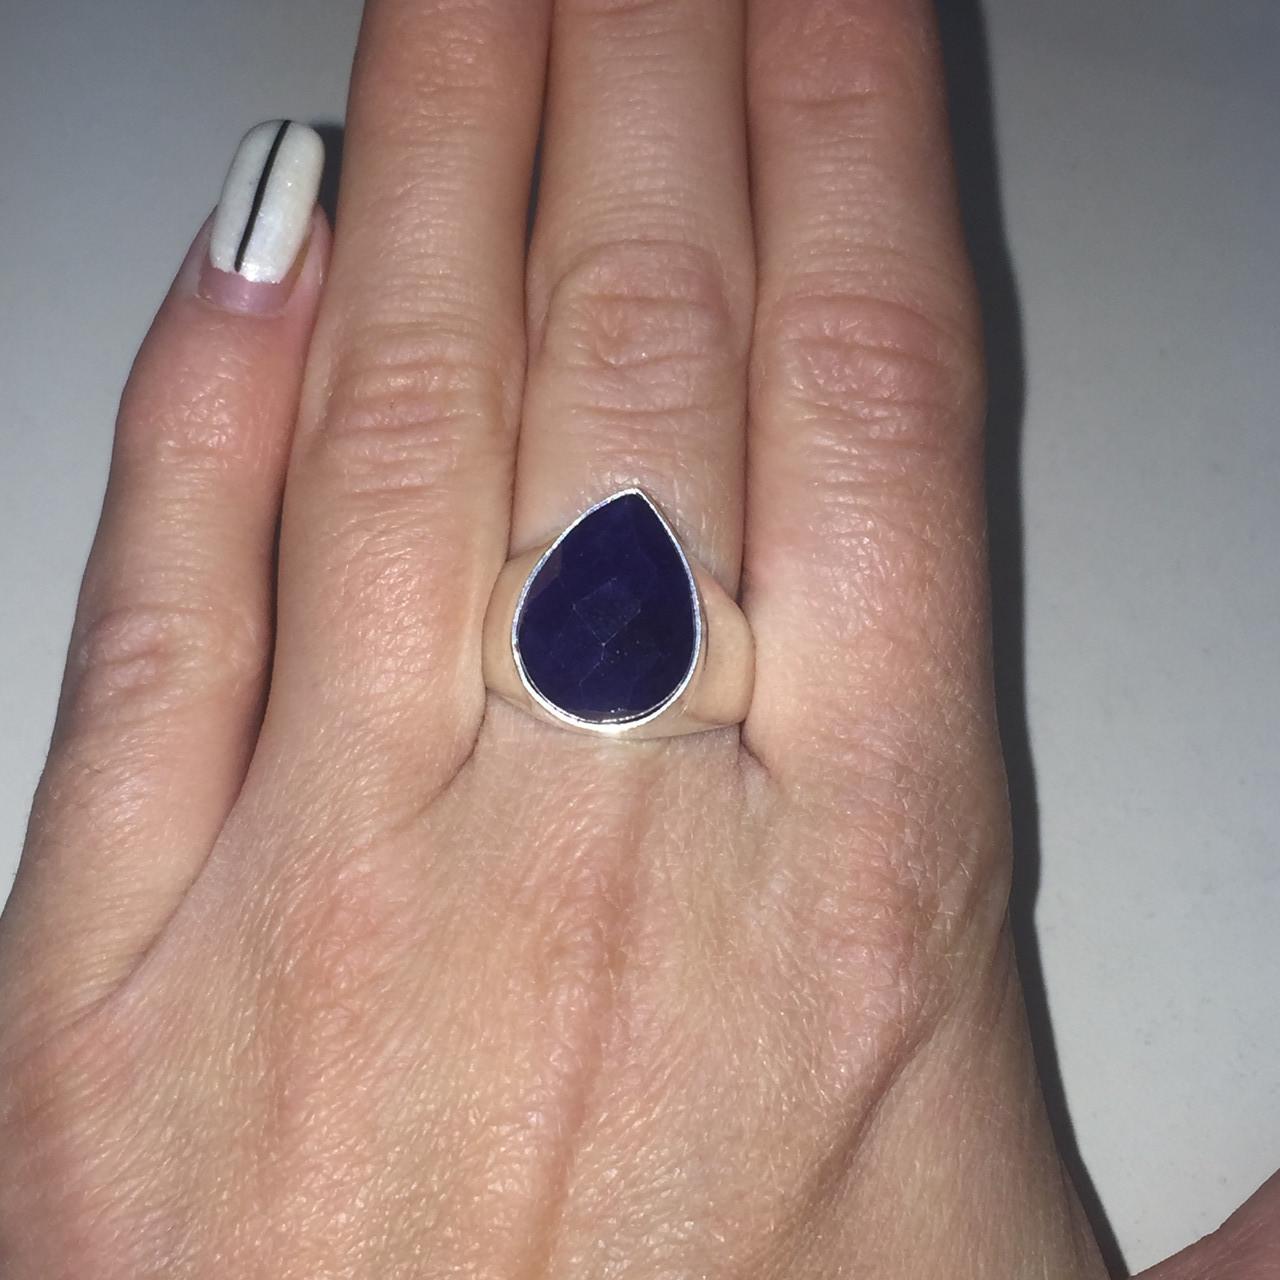 Сапфир кольцо с камнем сапфир в серебре. Кольцо капля с сапфиром размер 18,5-19 Индия